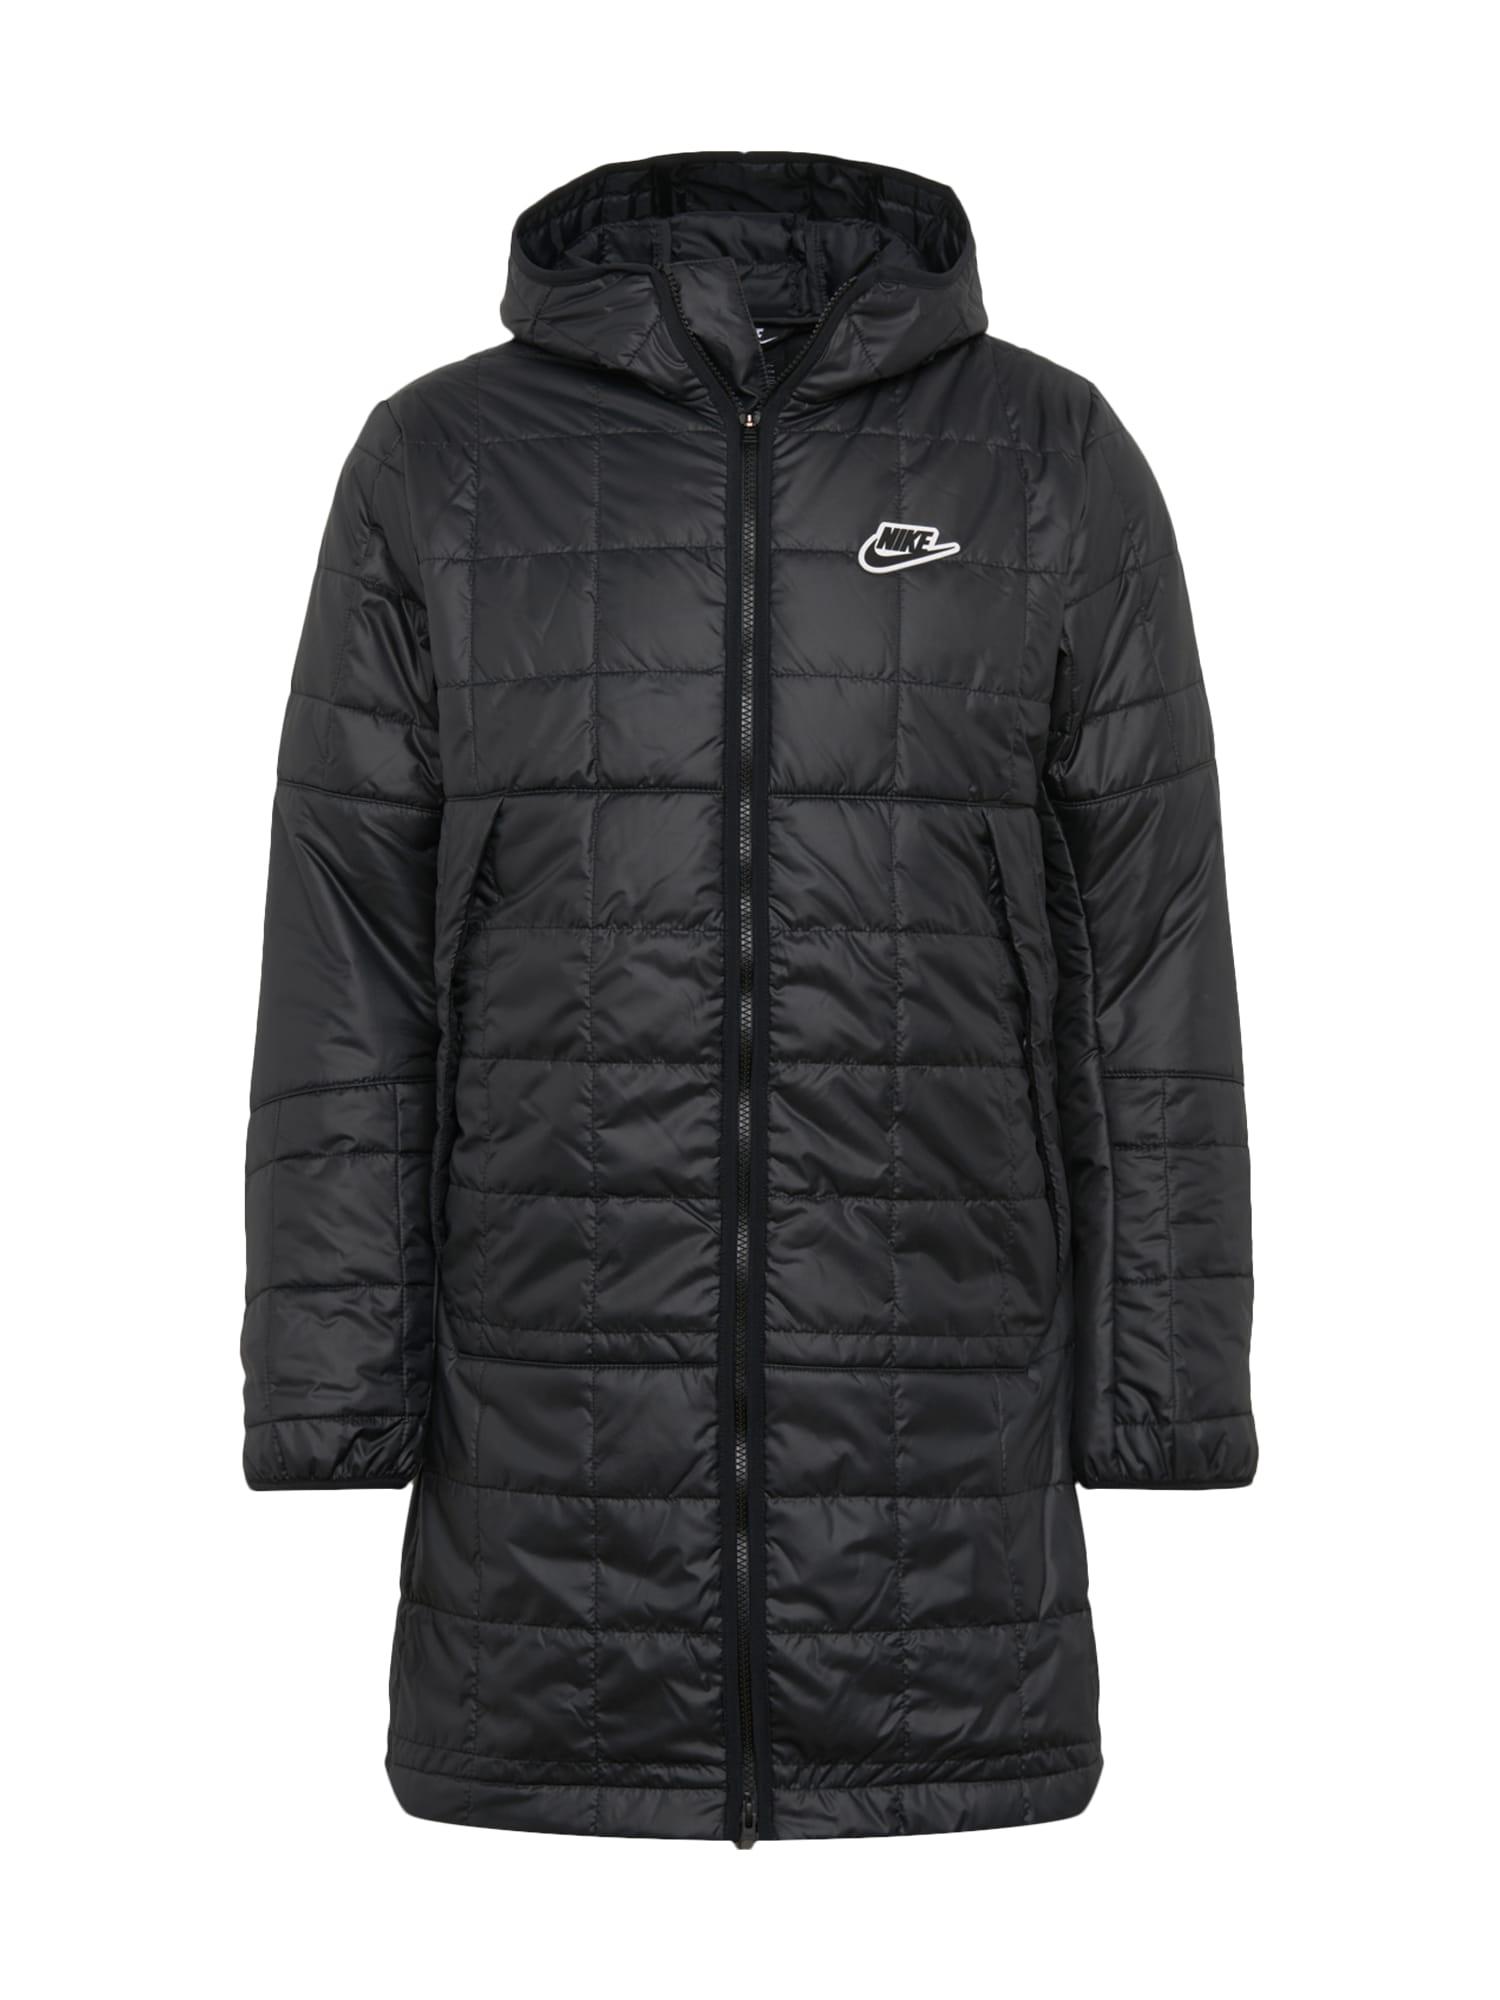 Nike Sportswear Rudeninis-žieminis paltas 'NSW' juoda